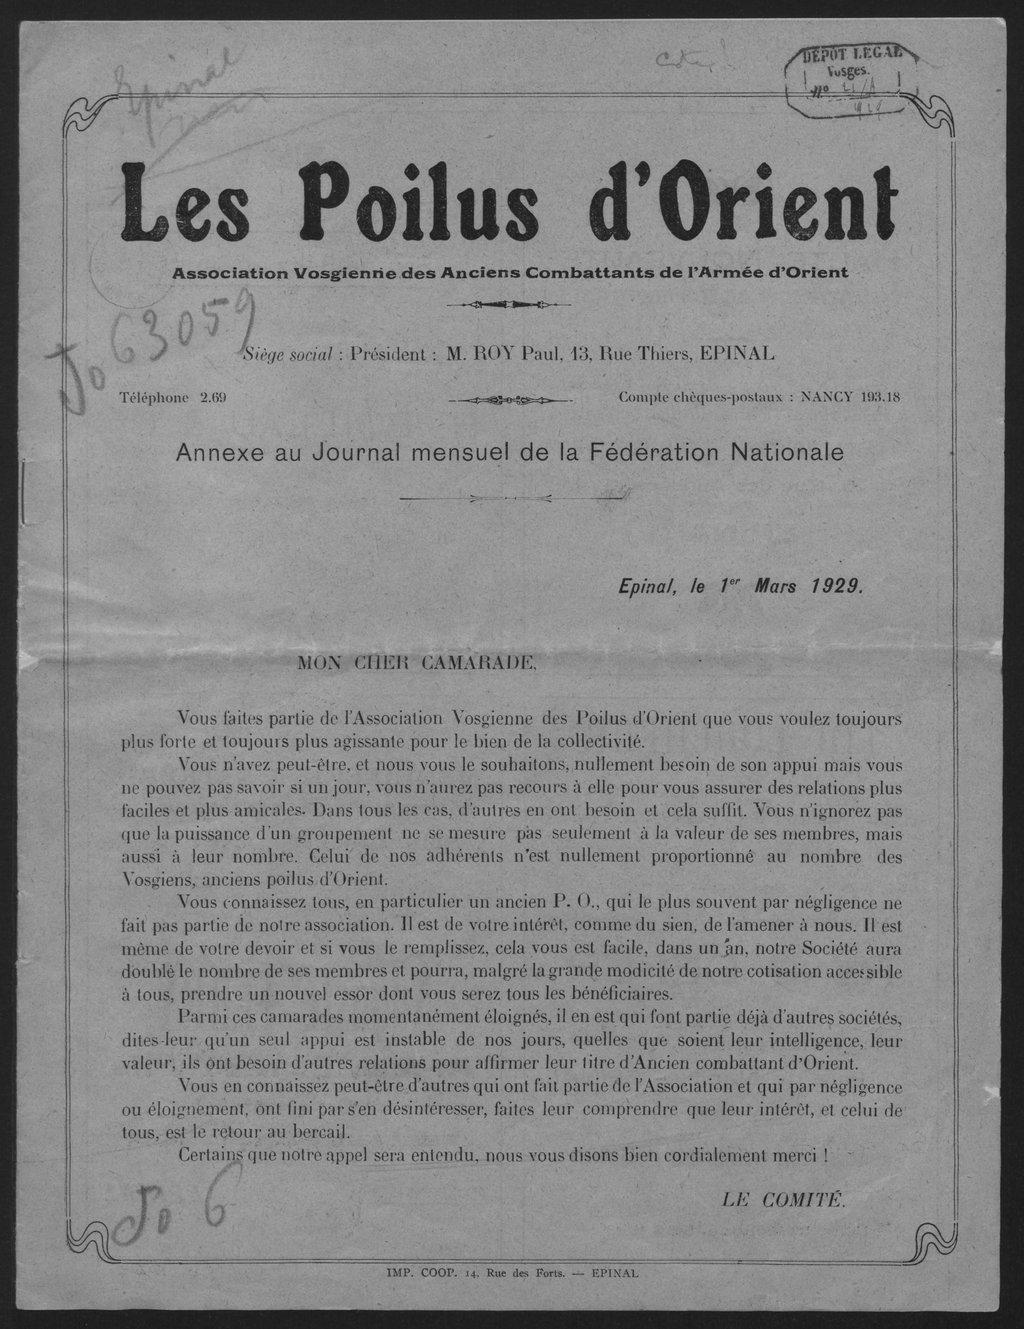 Publication de l'Association vosgienne des anciens combattants de l'armée d'Orient (mars 1929) [Gallica]